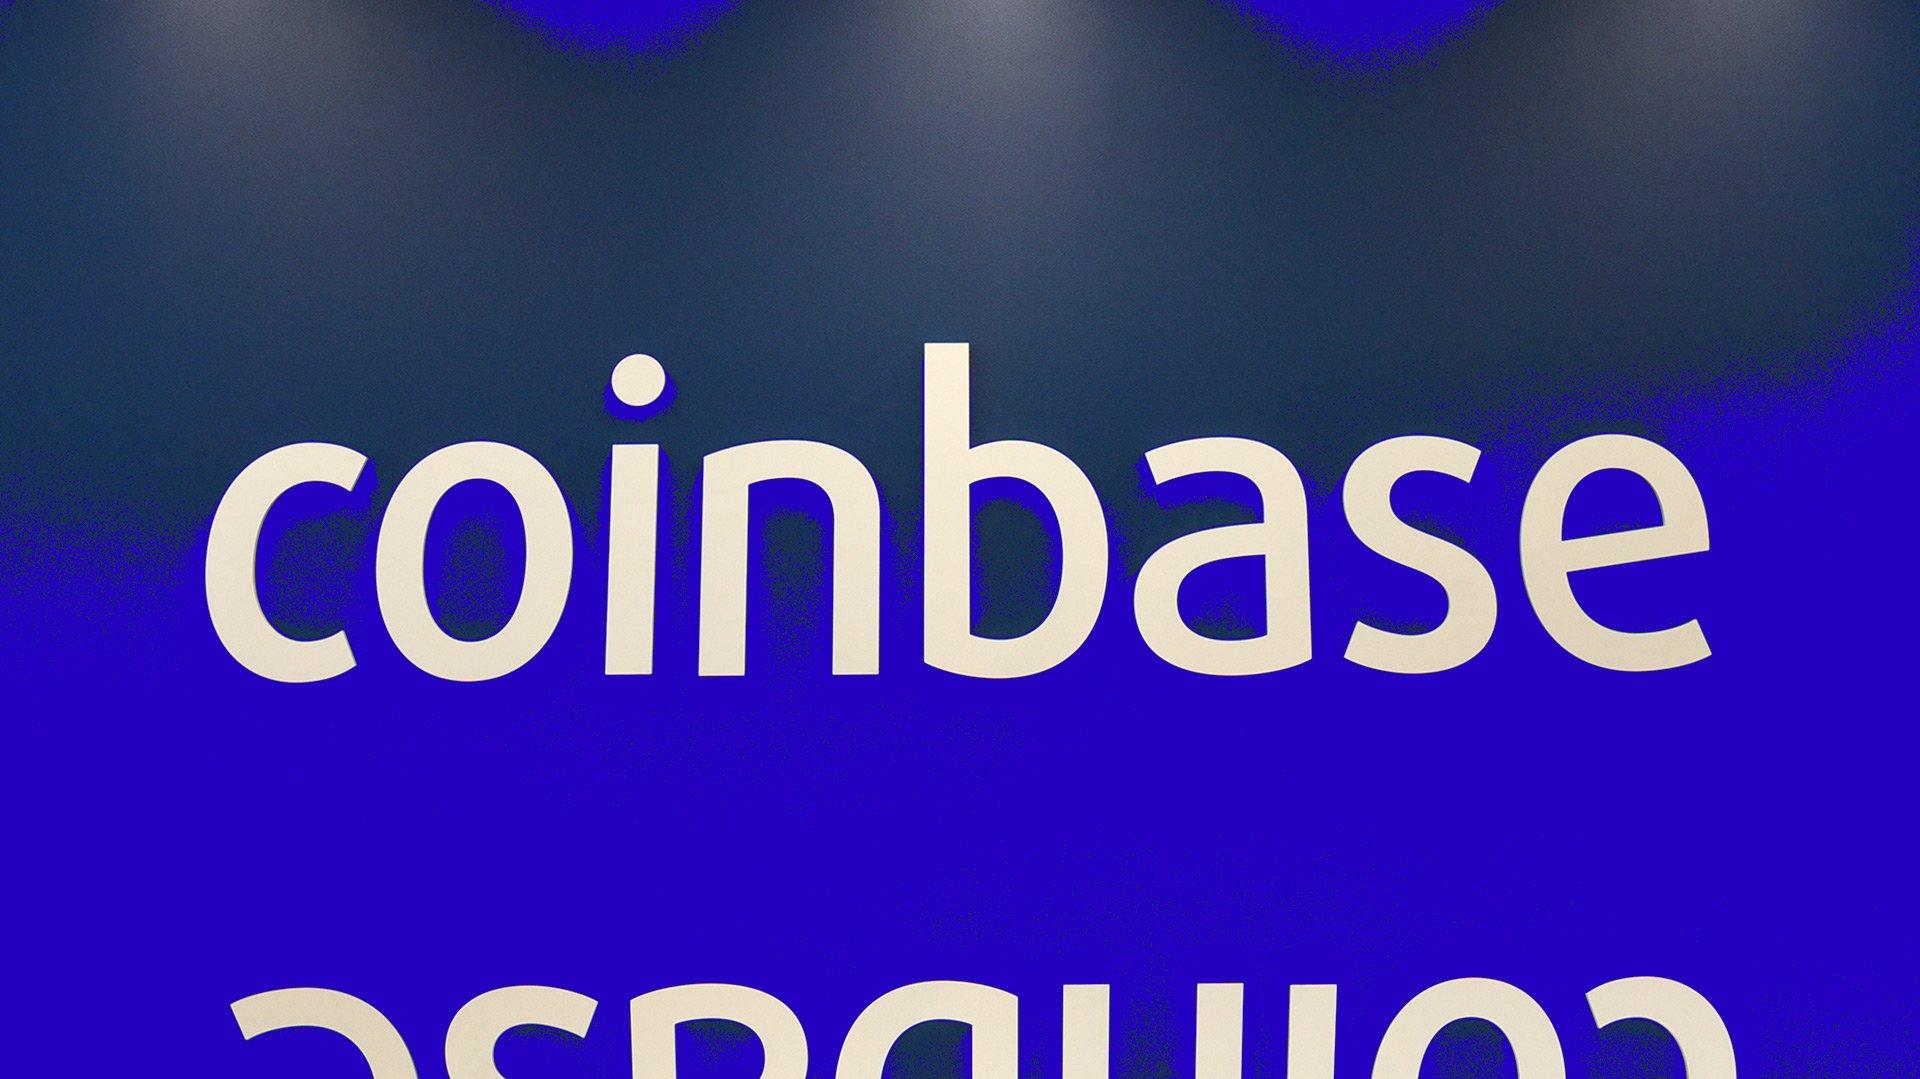 Coinbase a plus de 90 milliards de dollars d'actifs sur la plate-forme et est sur le point de fournir un marché secondaire pour les actions internes